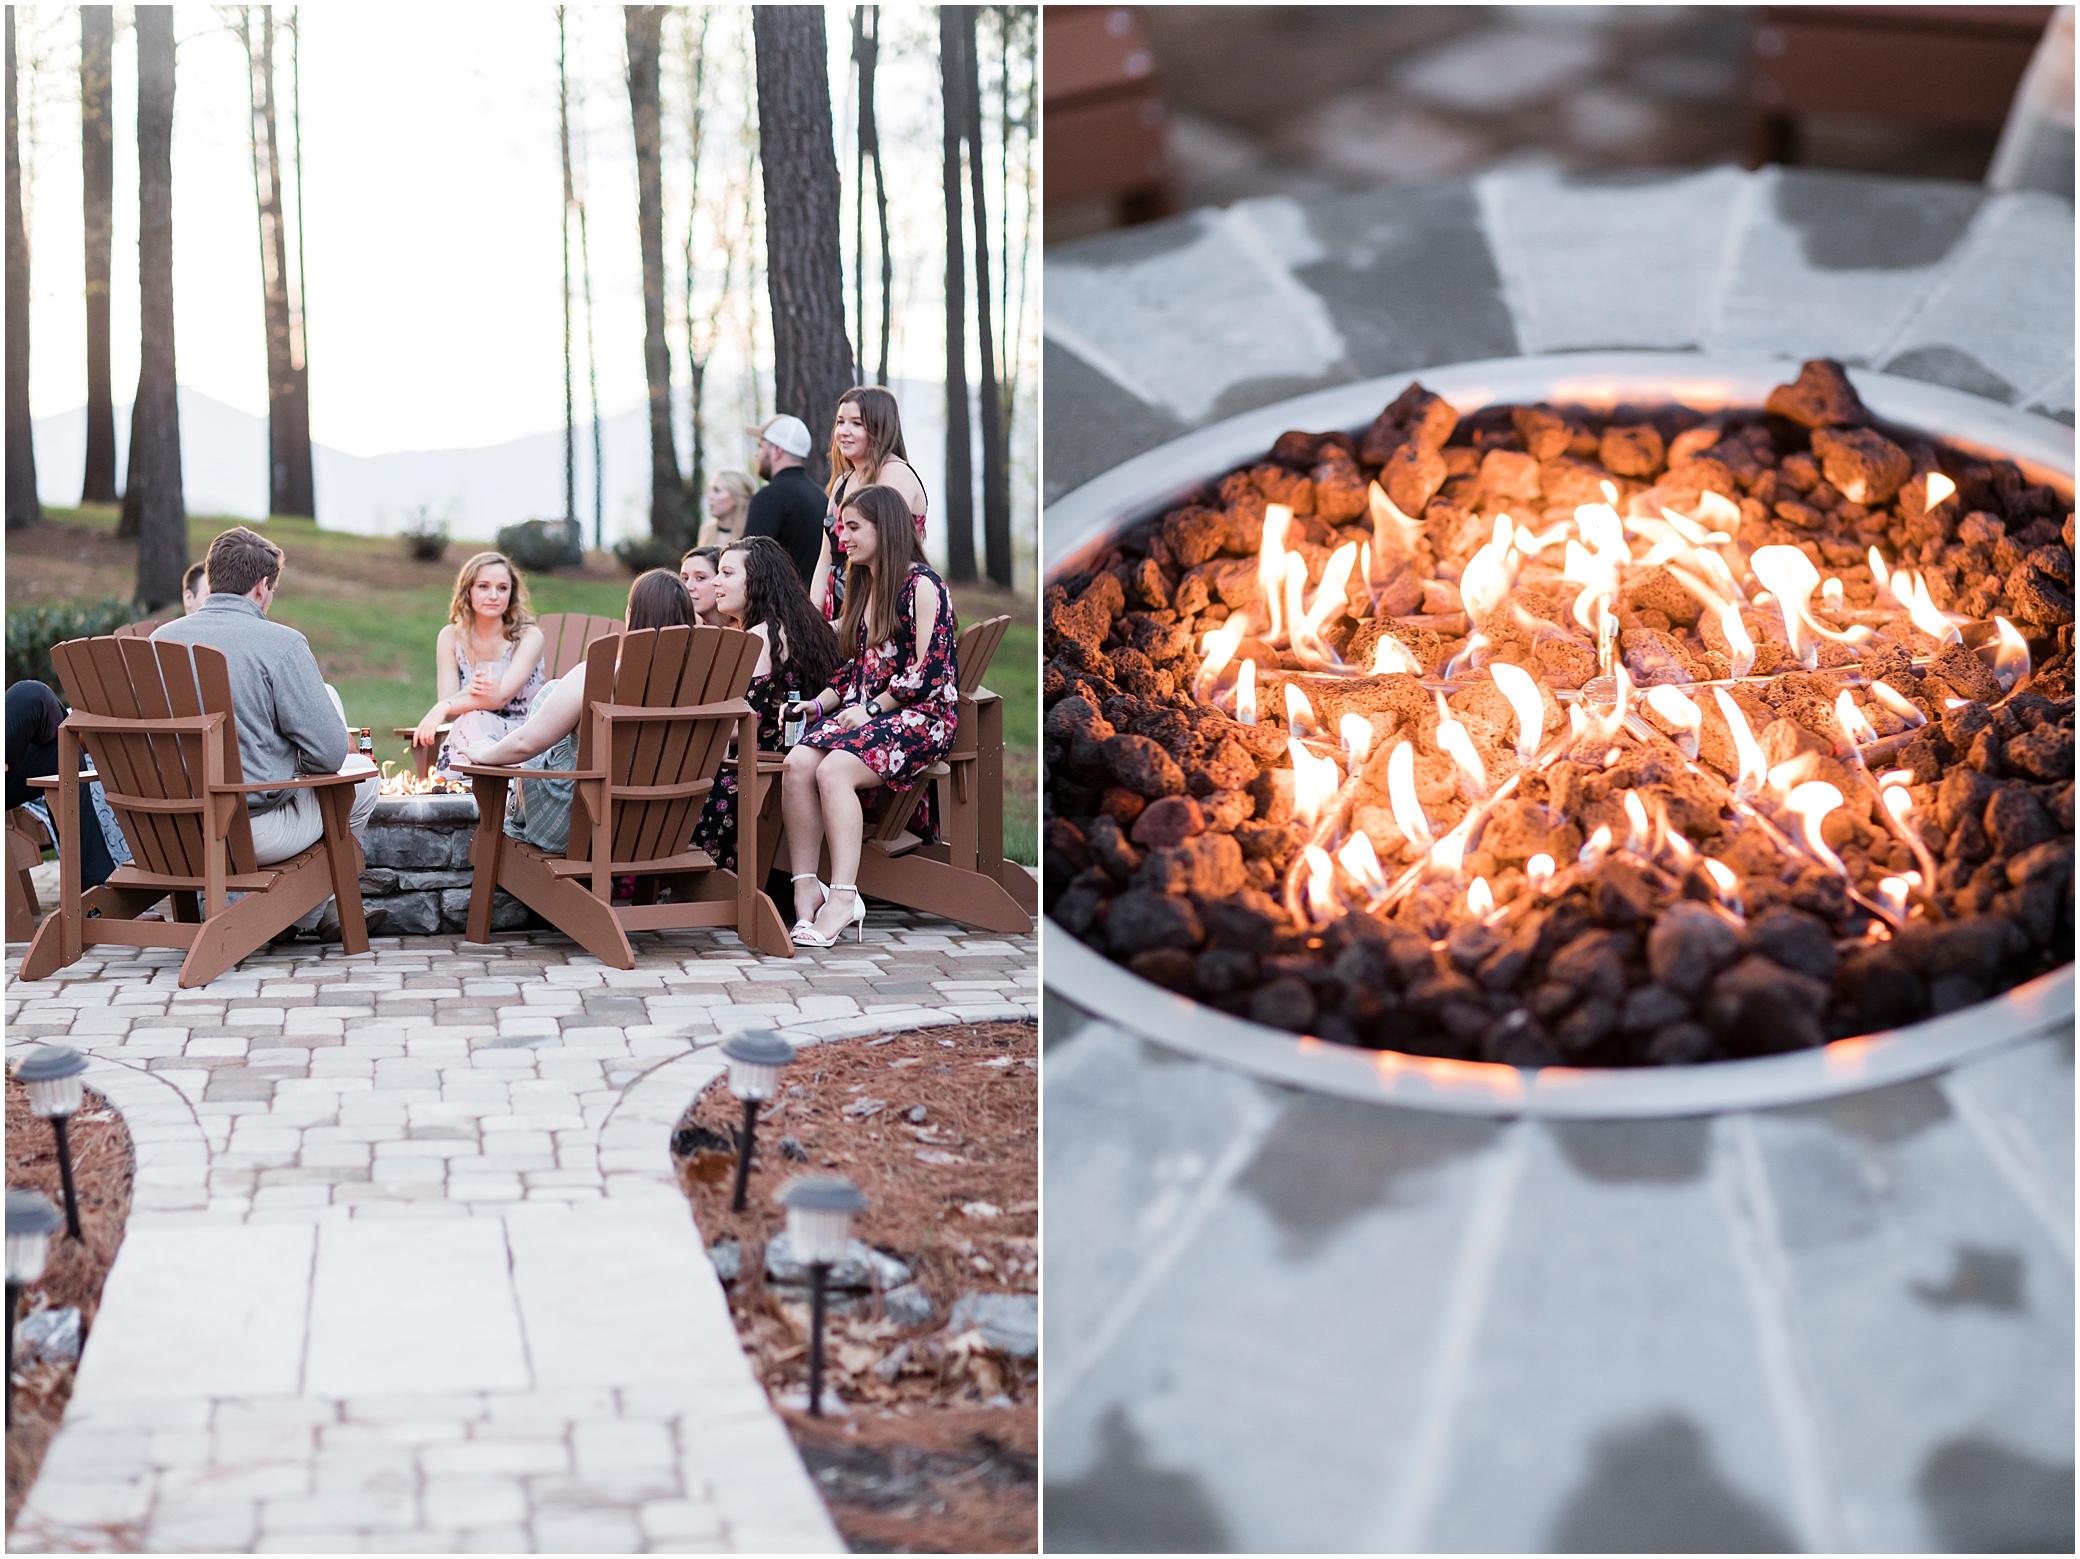 outdoor fire pit at wedding wedding reception at sierra vista wedding